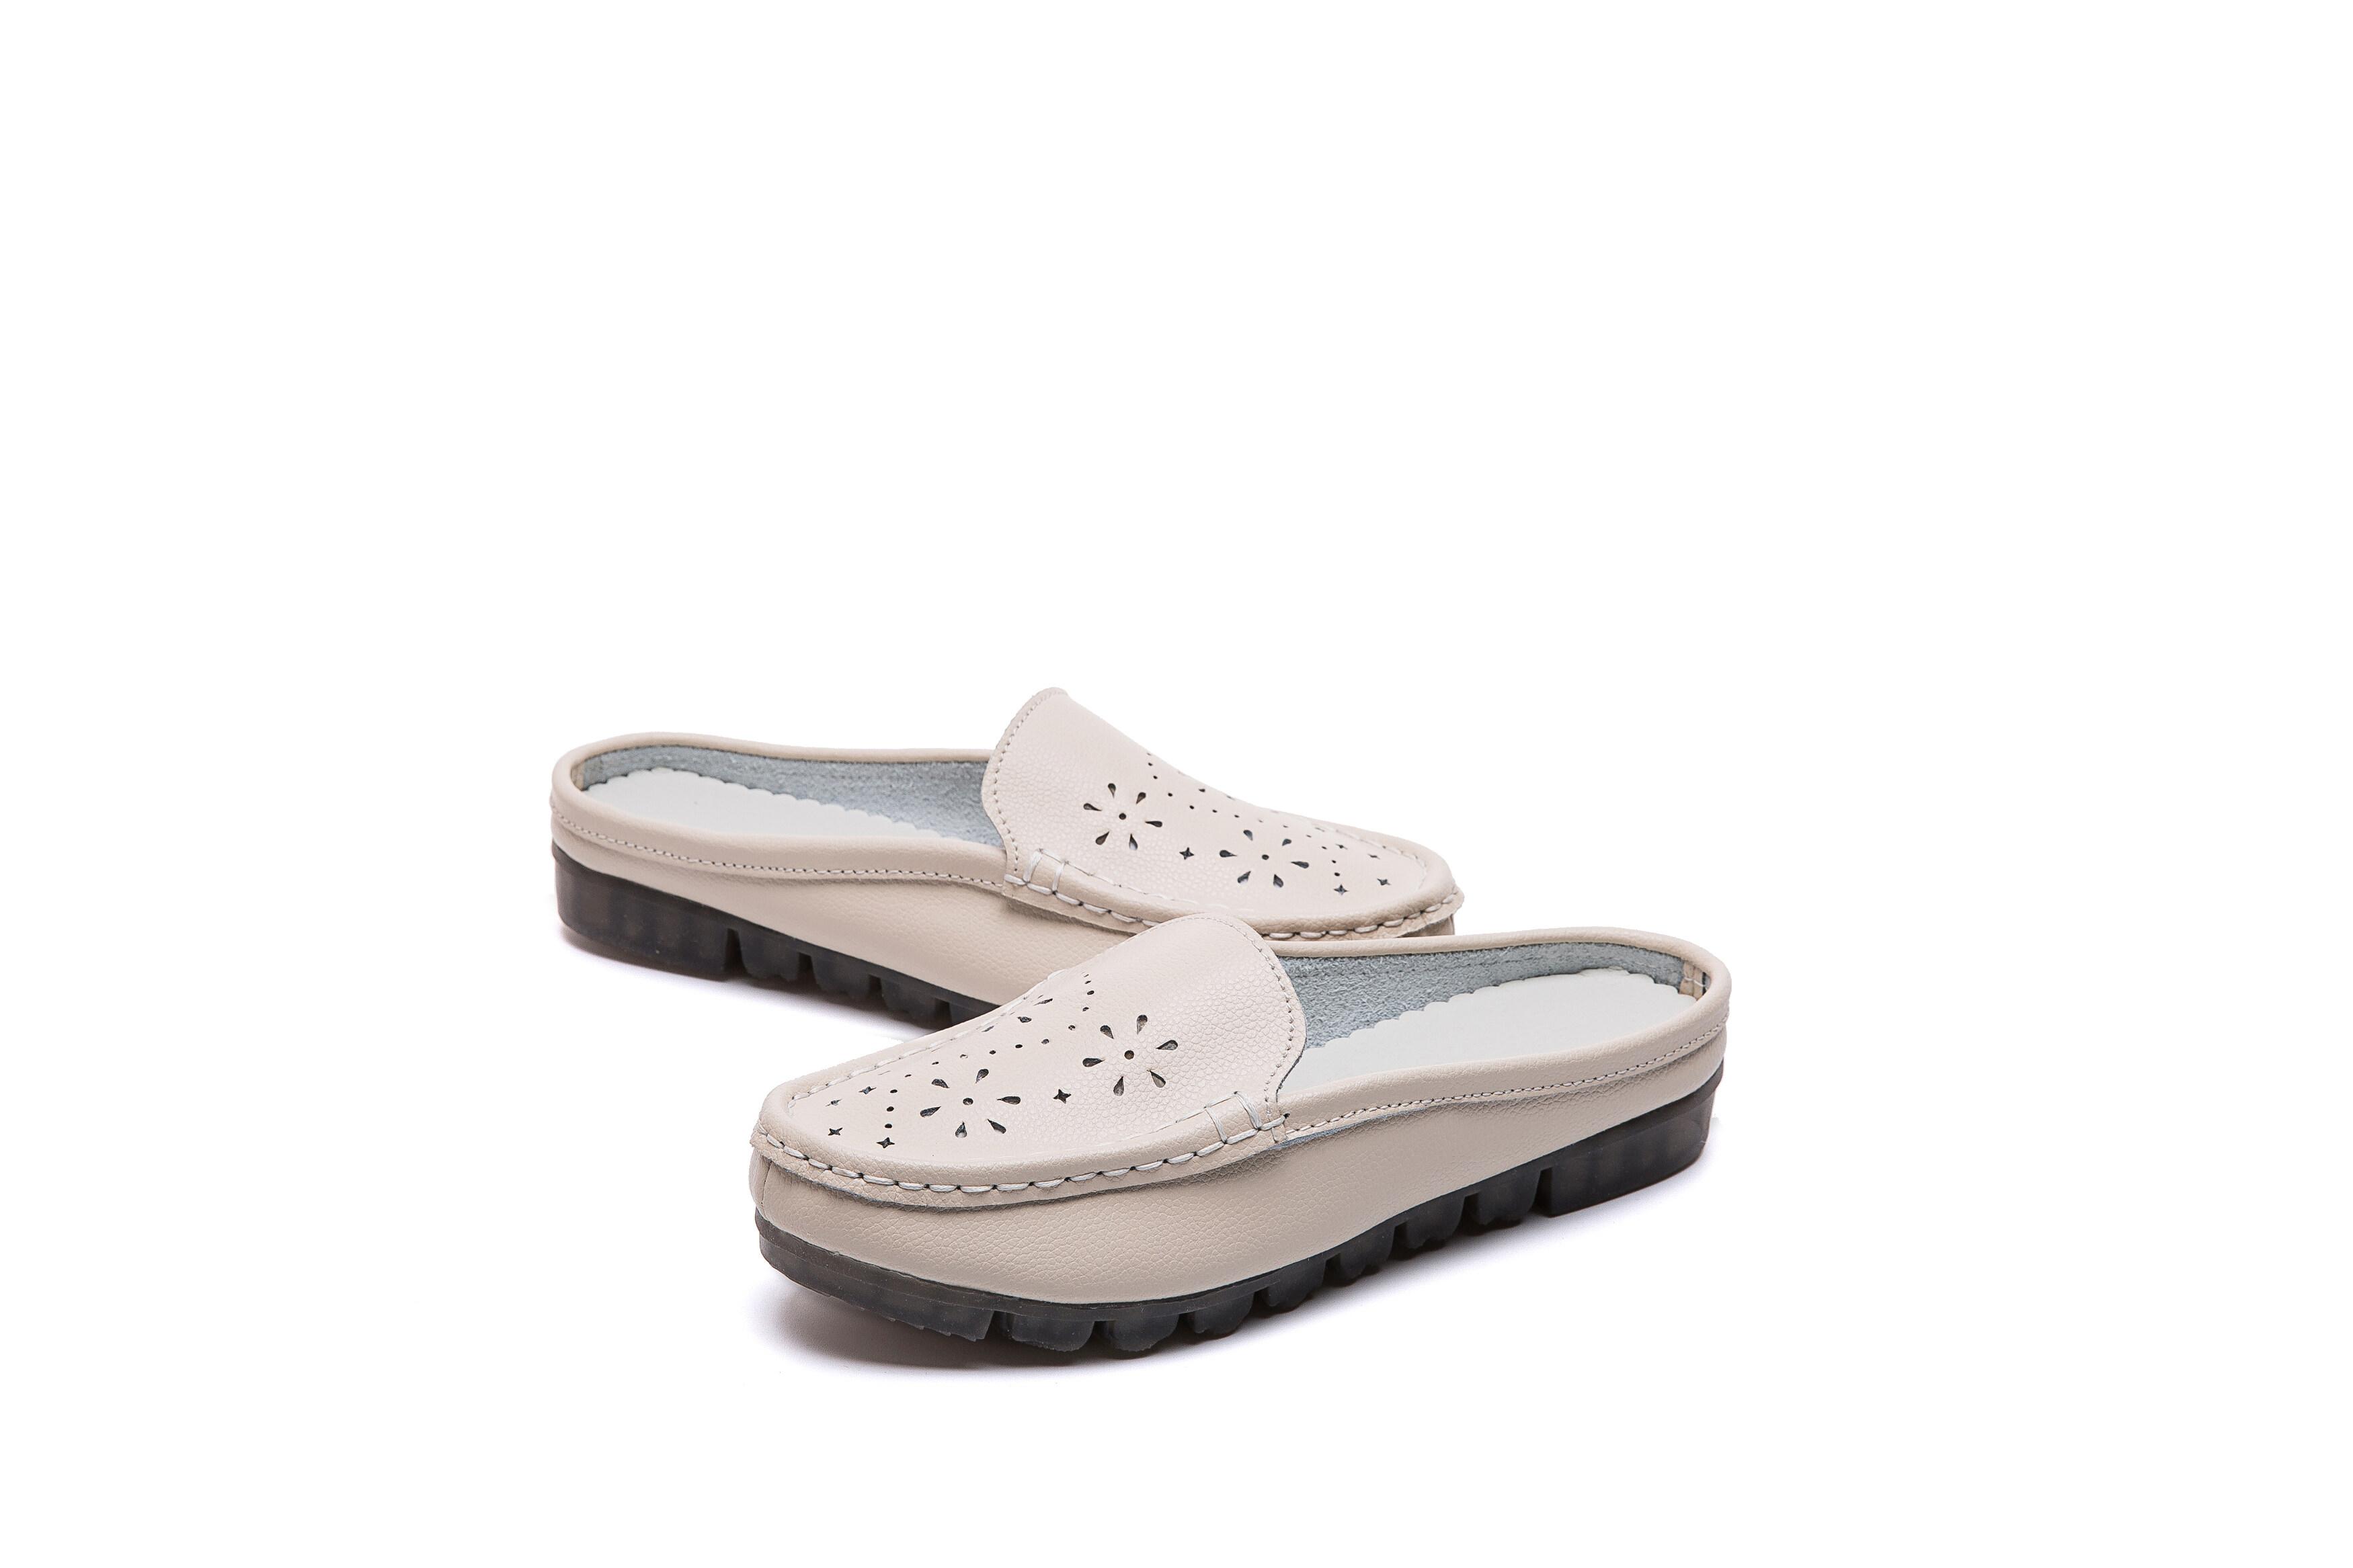 2021足娇2021,新款休闲真皮镂空雕花PVC大底半拖女凉鞋,3色